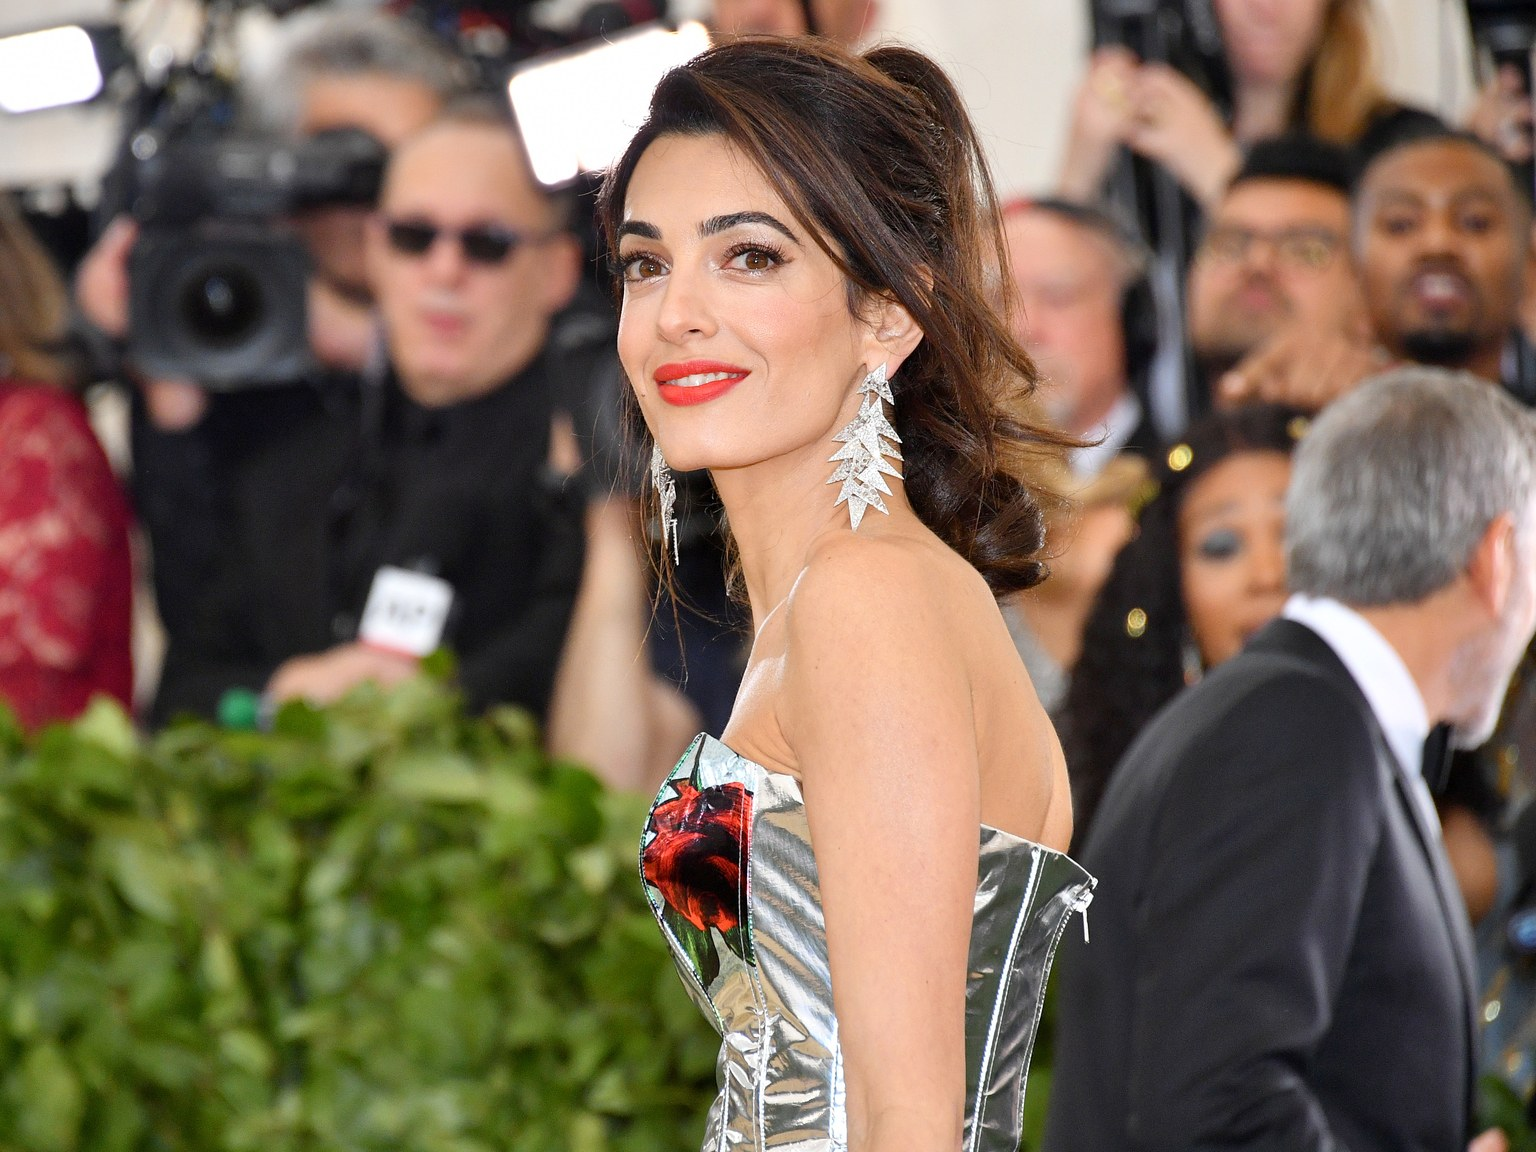 Η Amal Clooney ενώνει τις δυνάμεις της με τον πρίγκιπα Κάρολο!